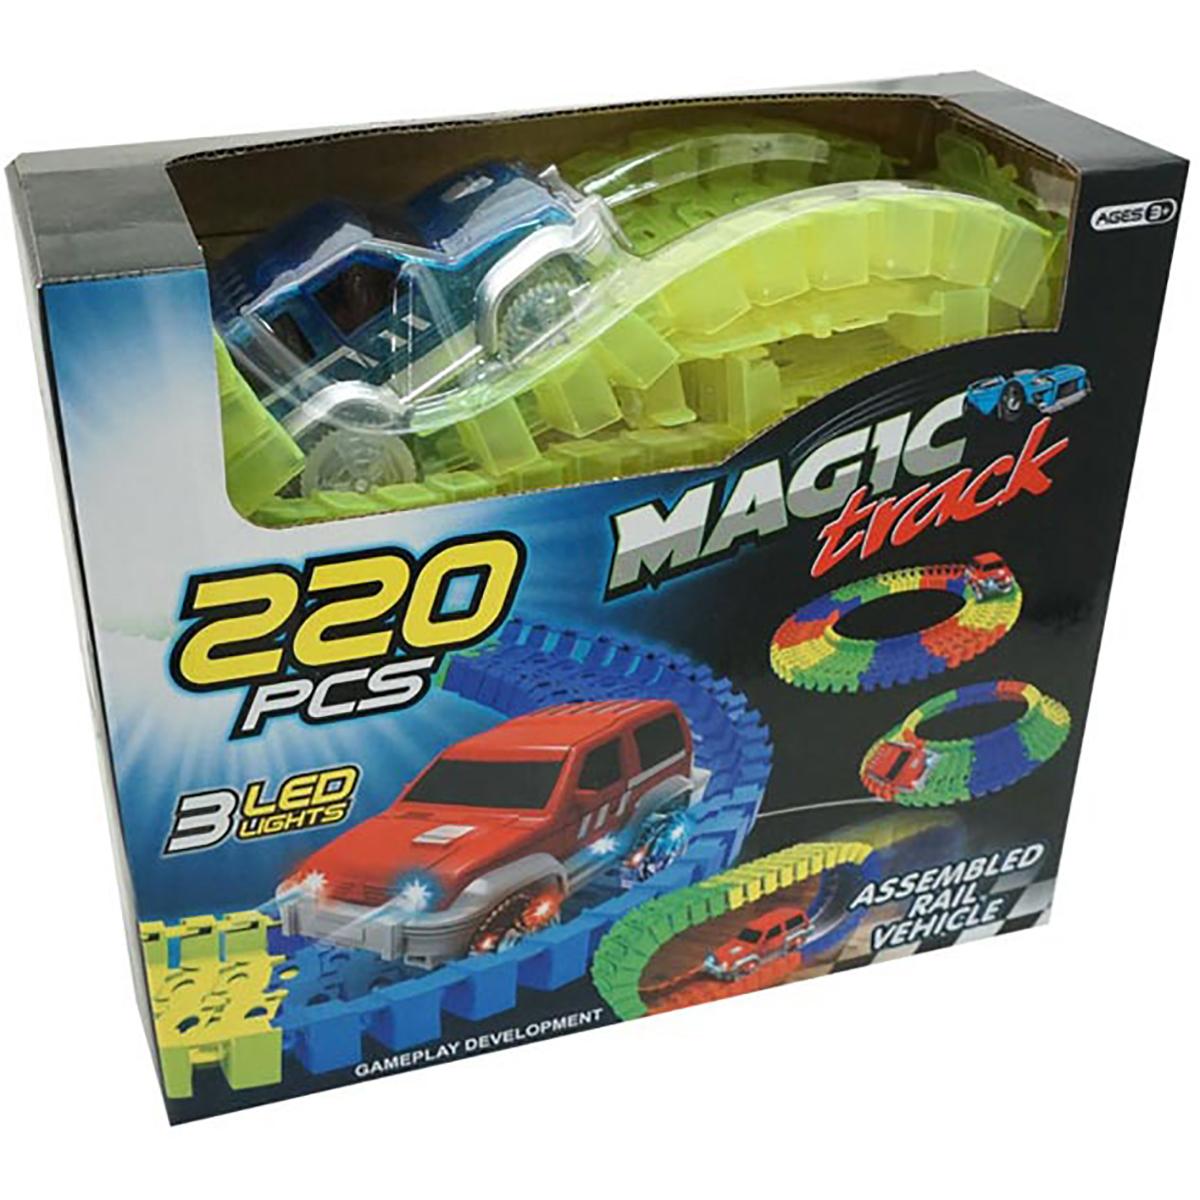 Set de joaca Circuit cu masinuta Unika Toy, 220 piese